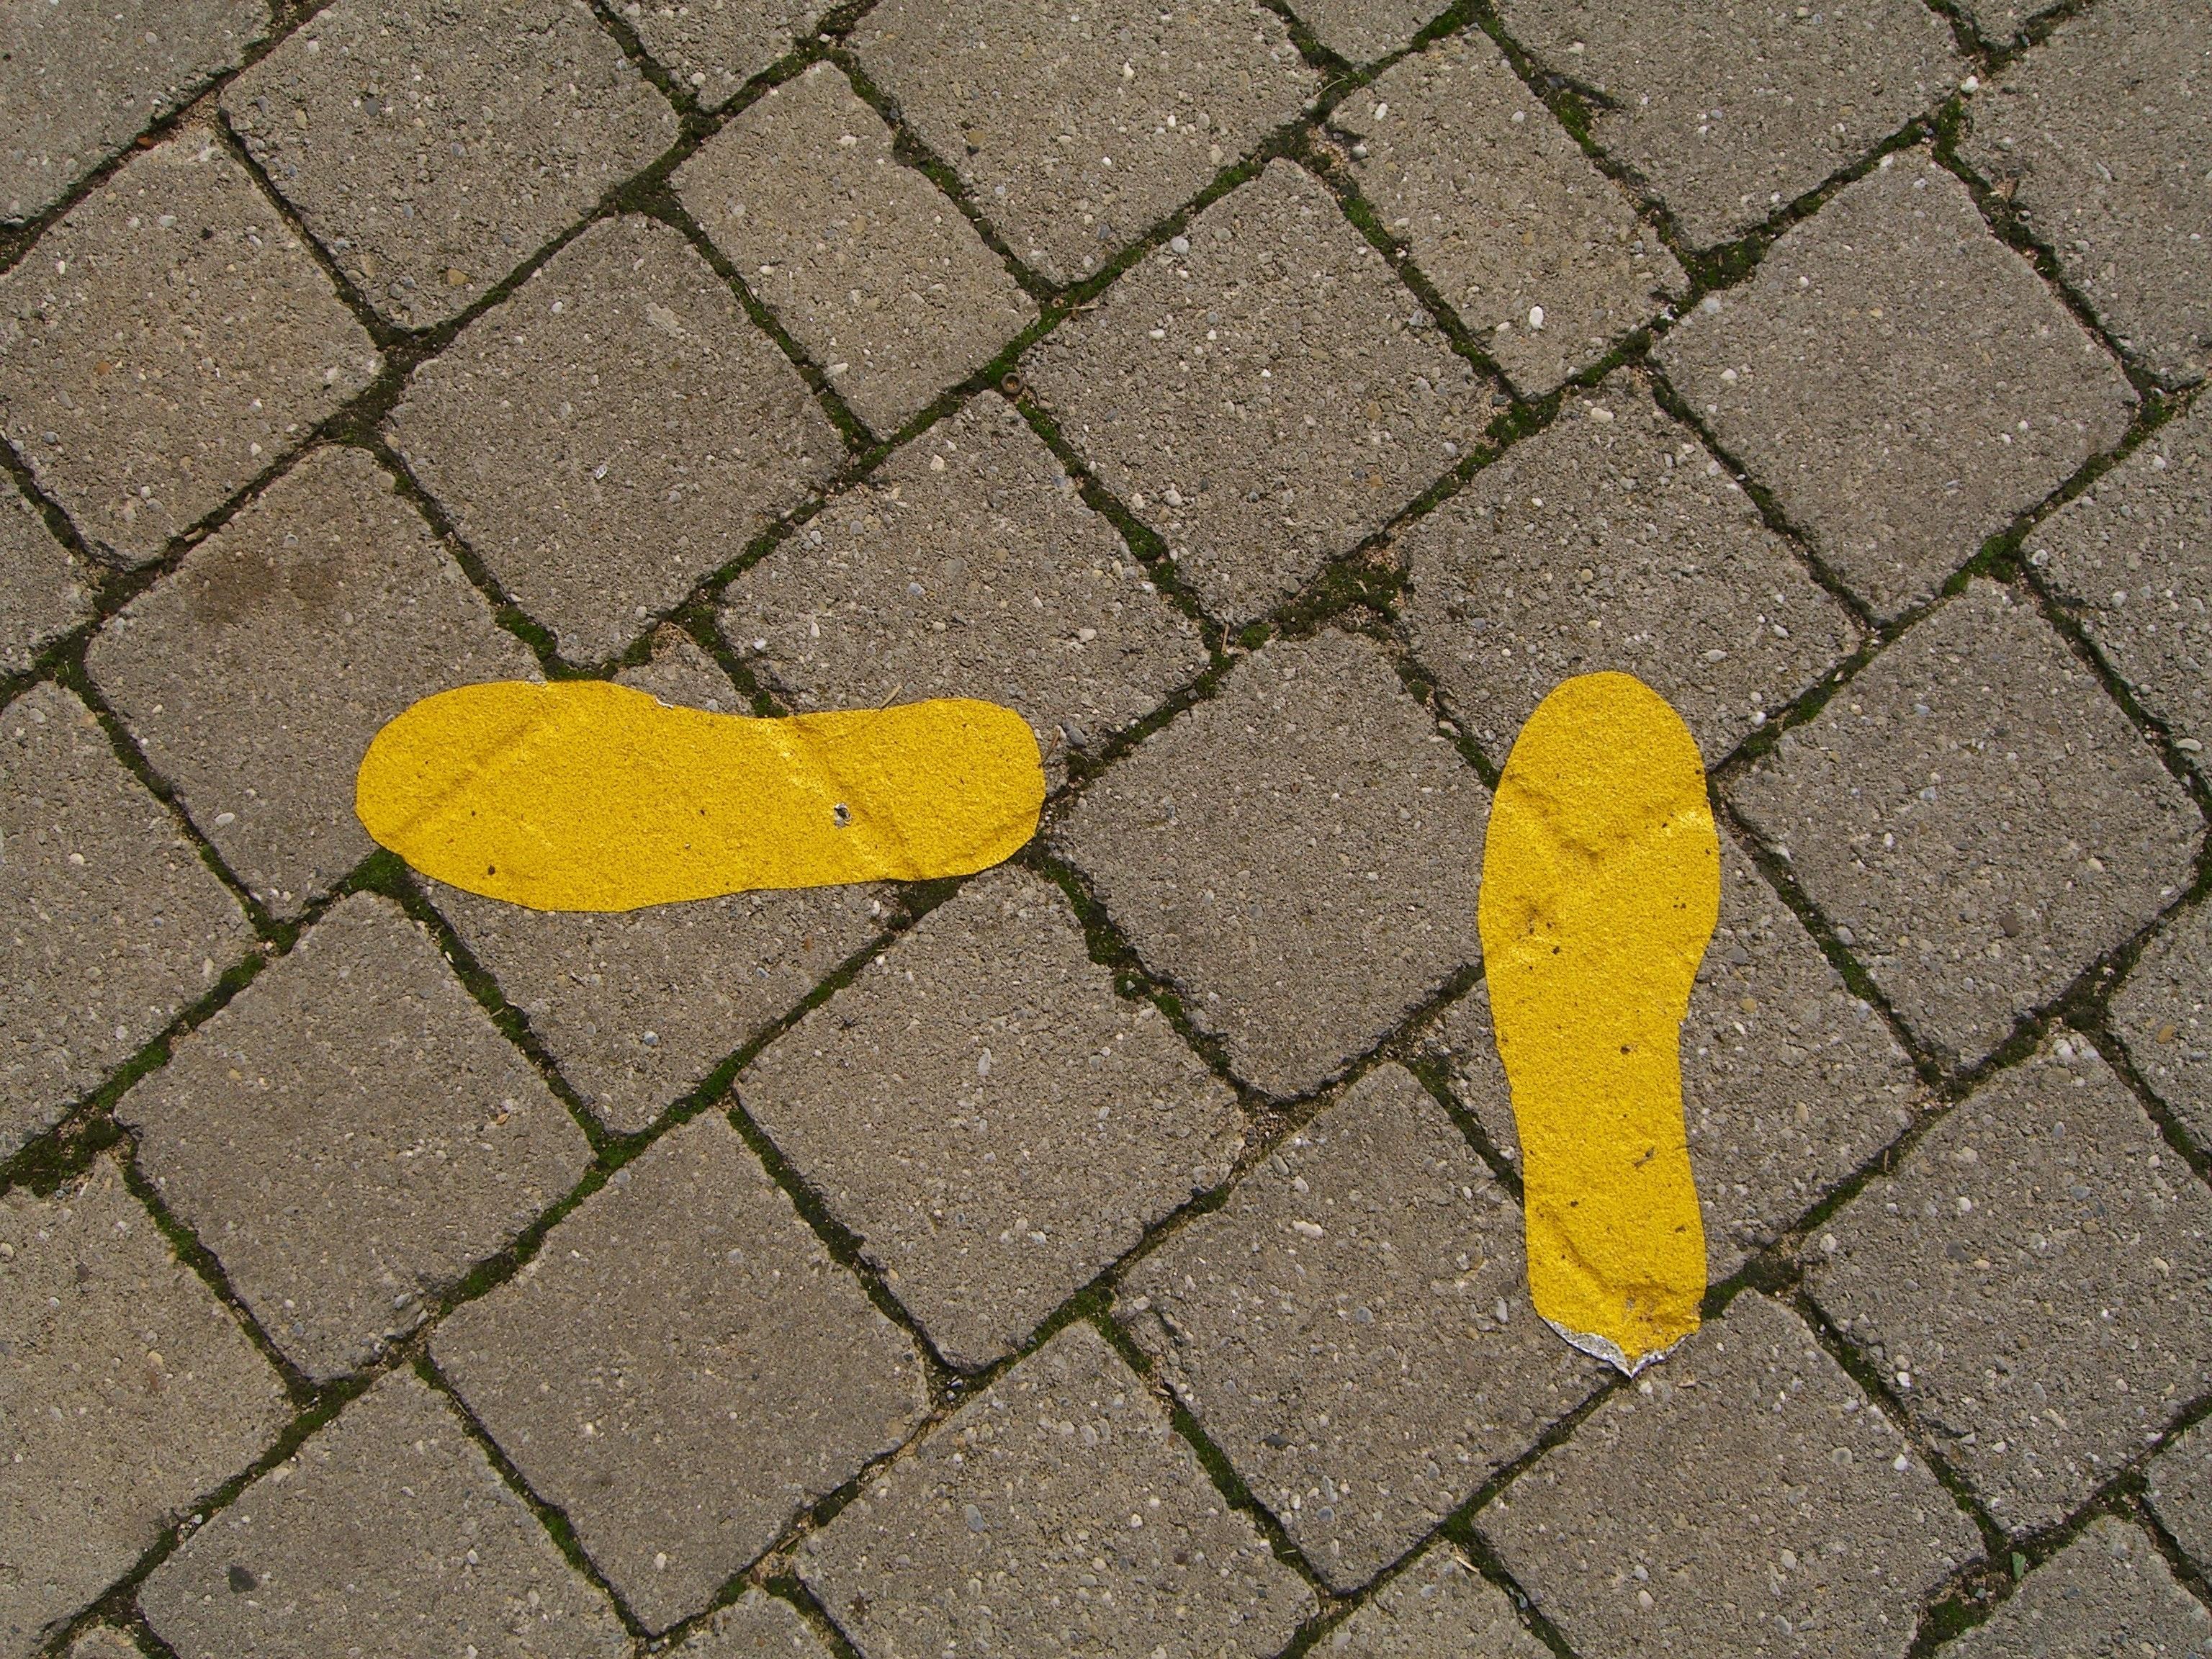 Richtungswechsel als Symbolbild für Plan B alternative Karrierewege in der Wissenschaft